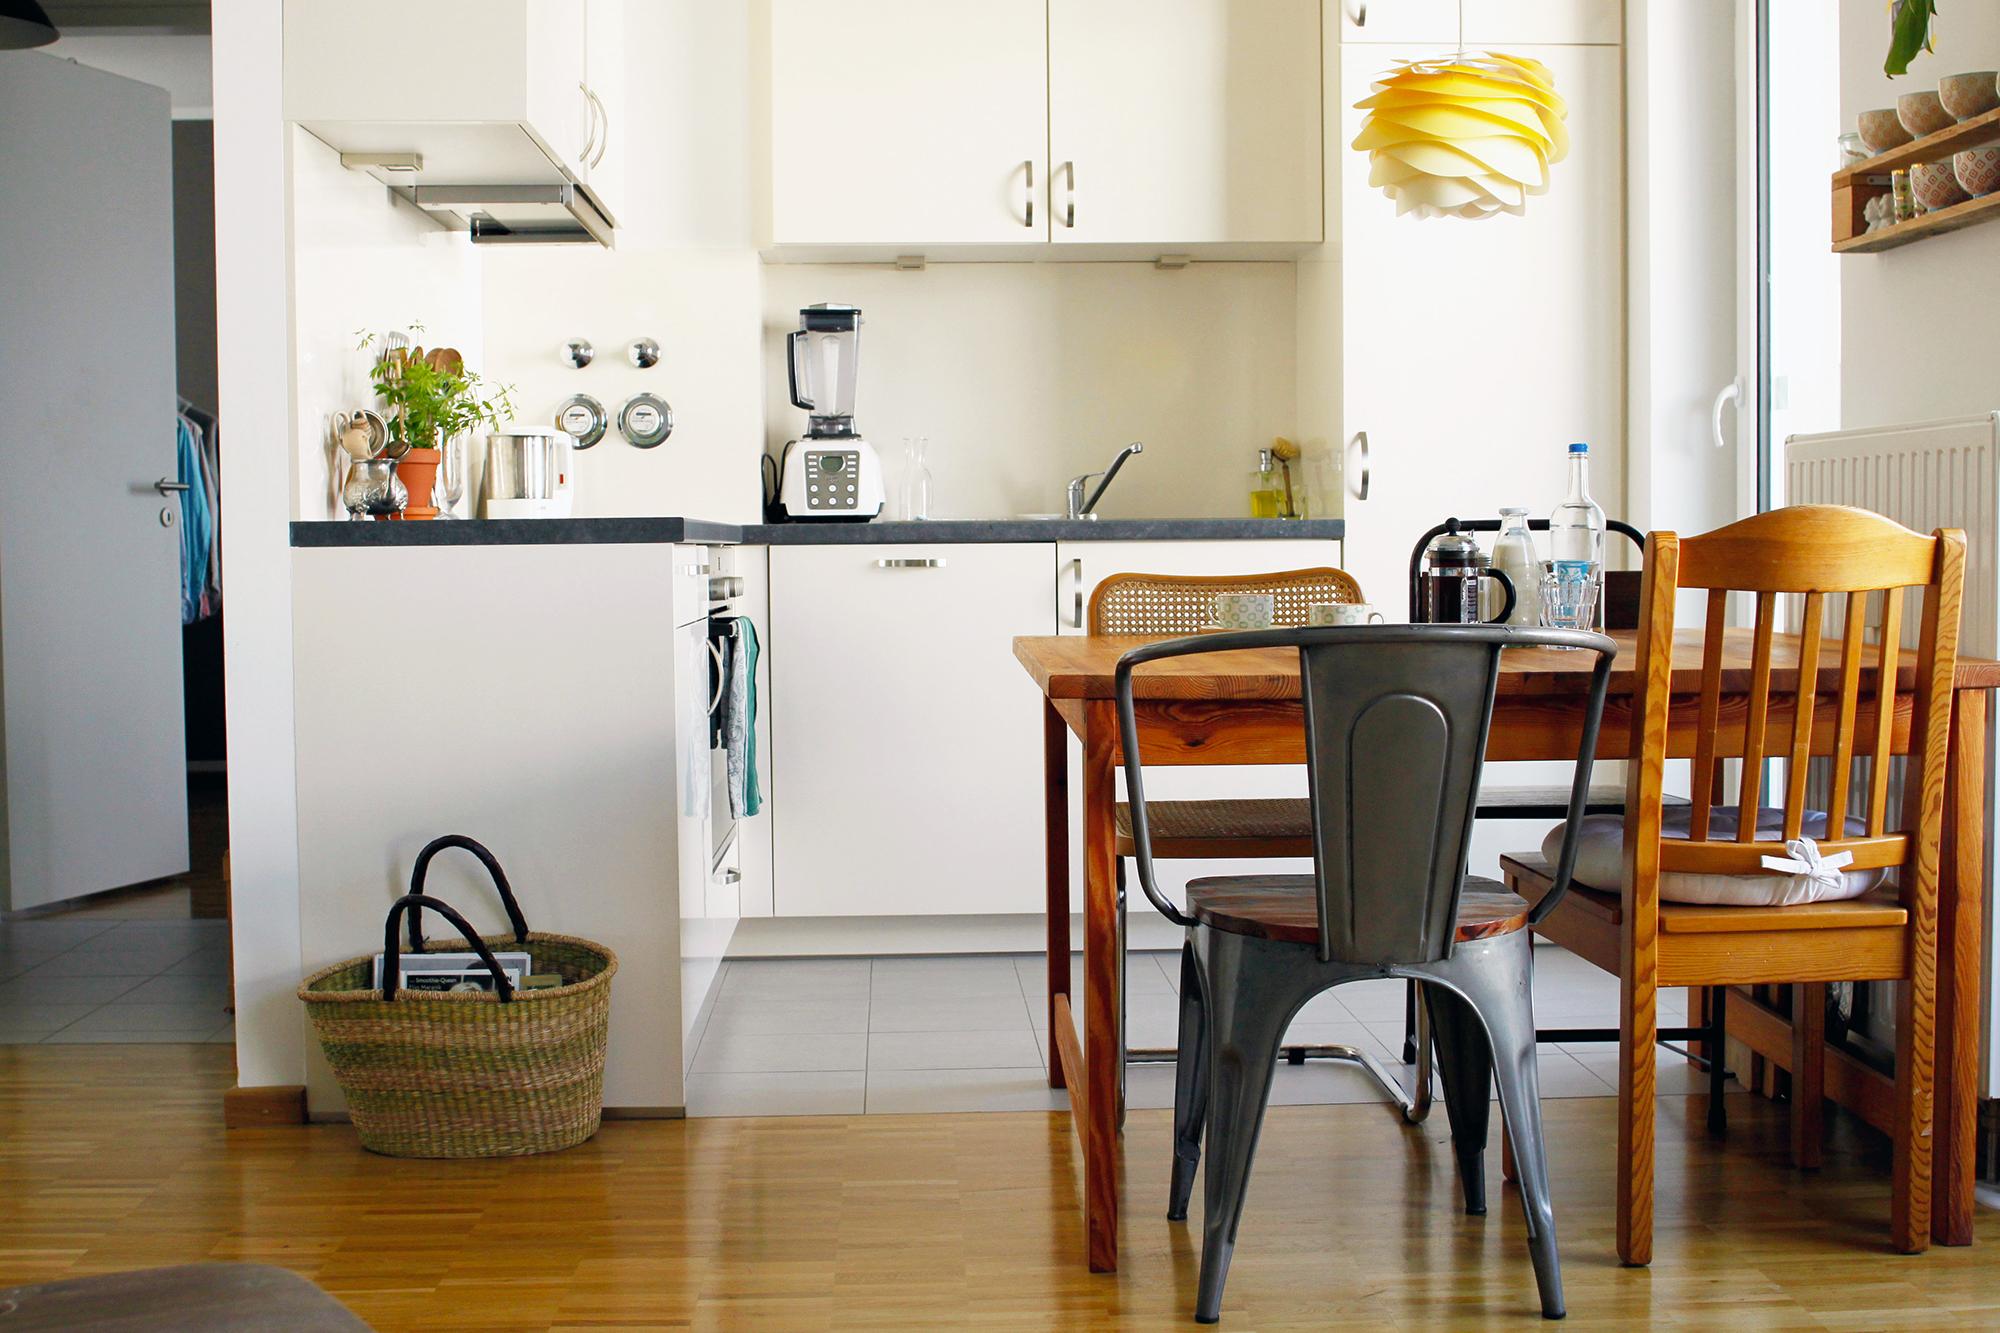 Küche • Bilder & Ideen • COUCHstyle